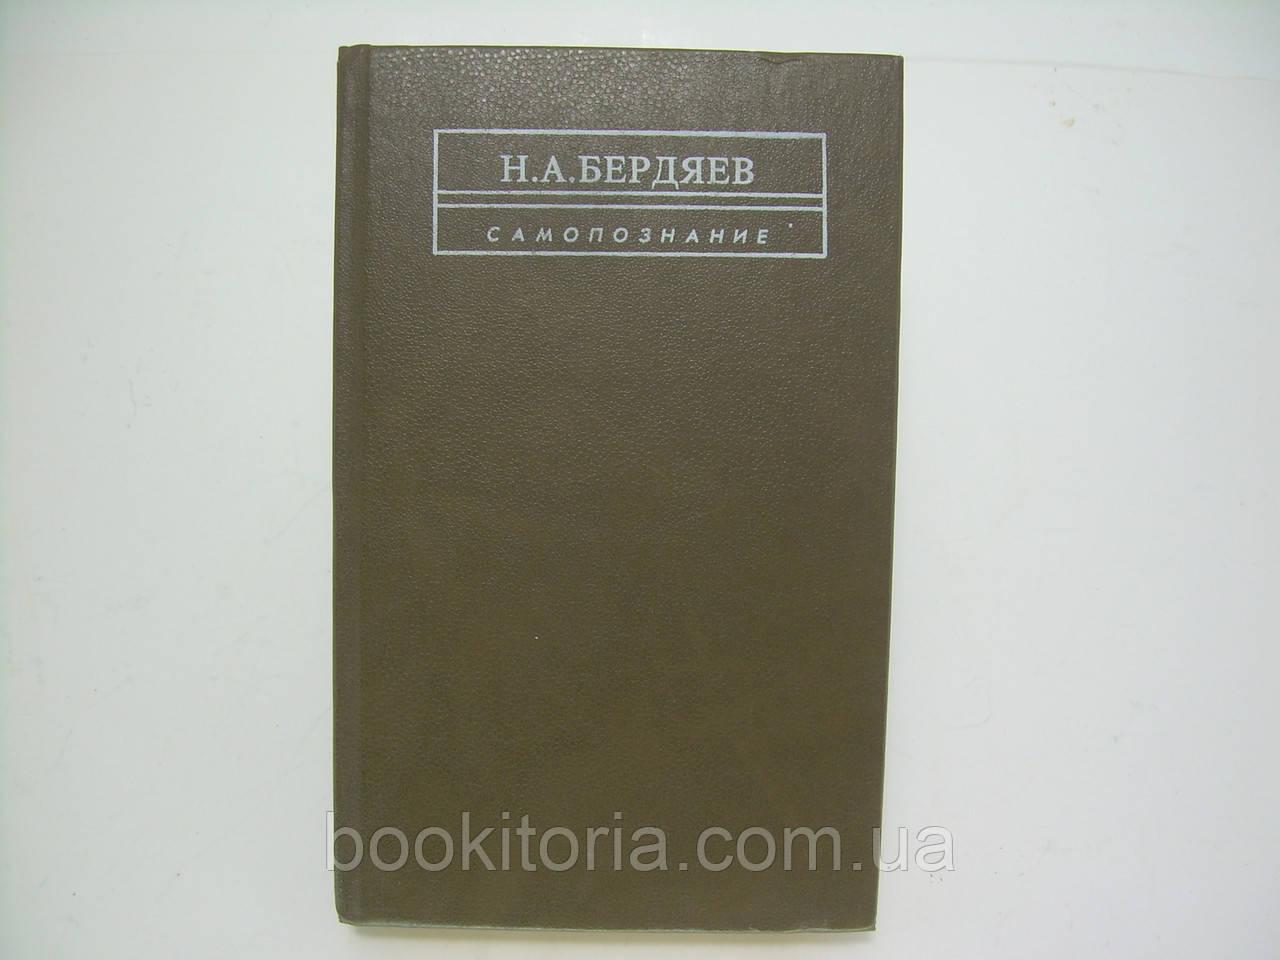 Бердяев Н.А. Самопознание (Опыт философской автобиографии) (б/у).